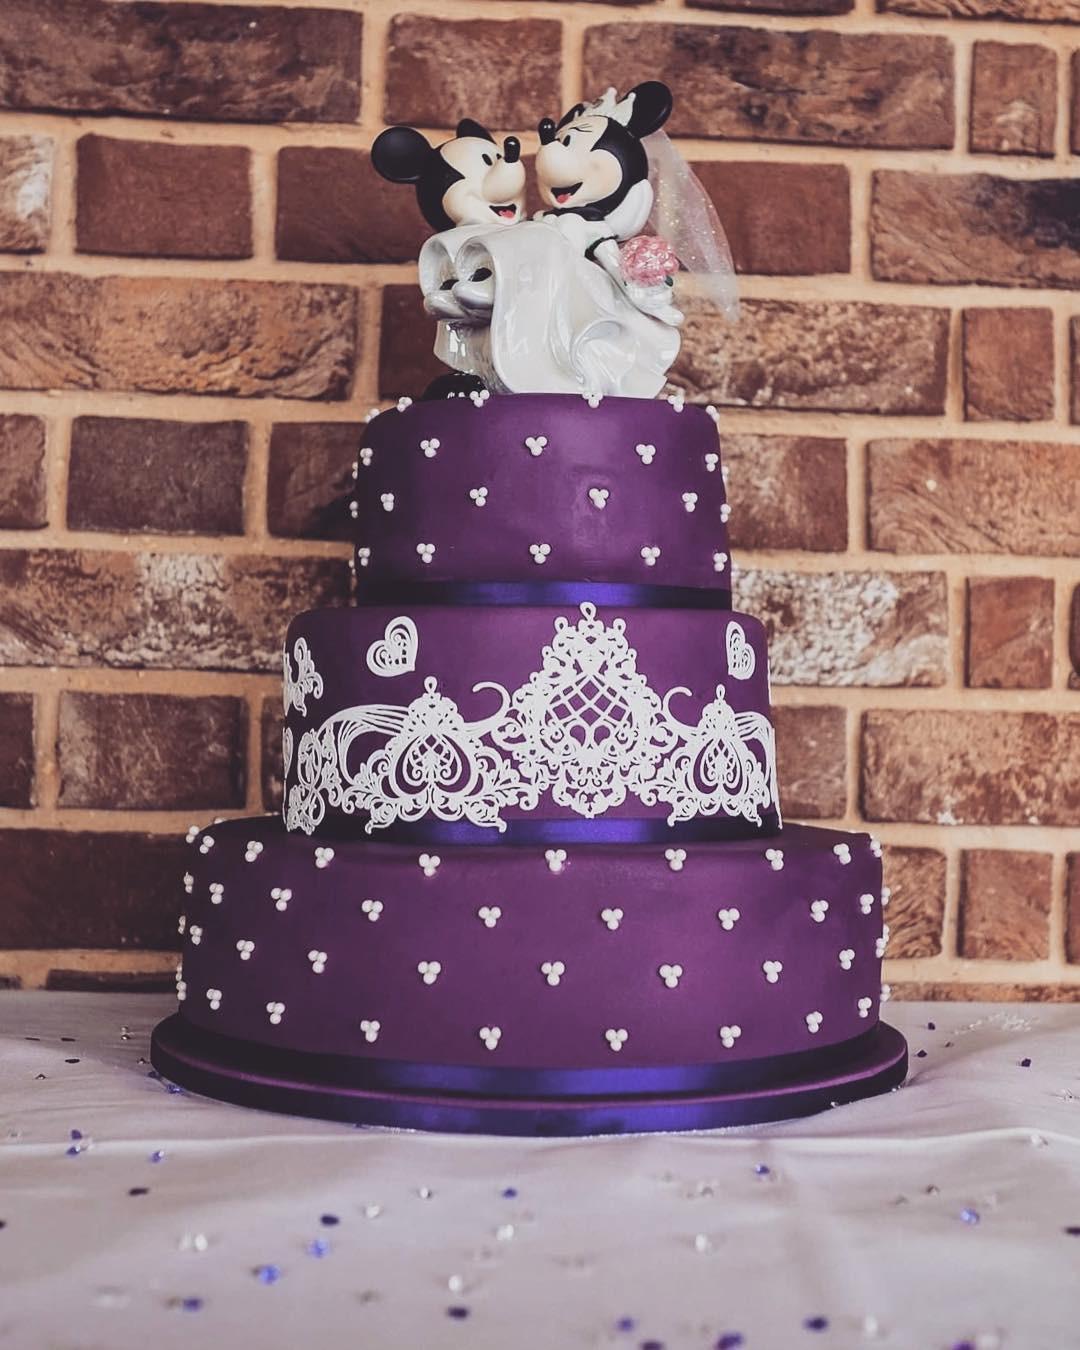 15 mẫu bánh cưới cảm hứng từ phim hoạt hình Disney - Ảnh 25.